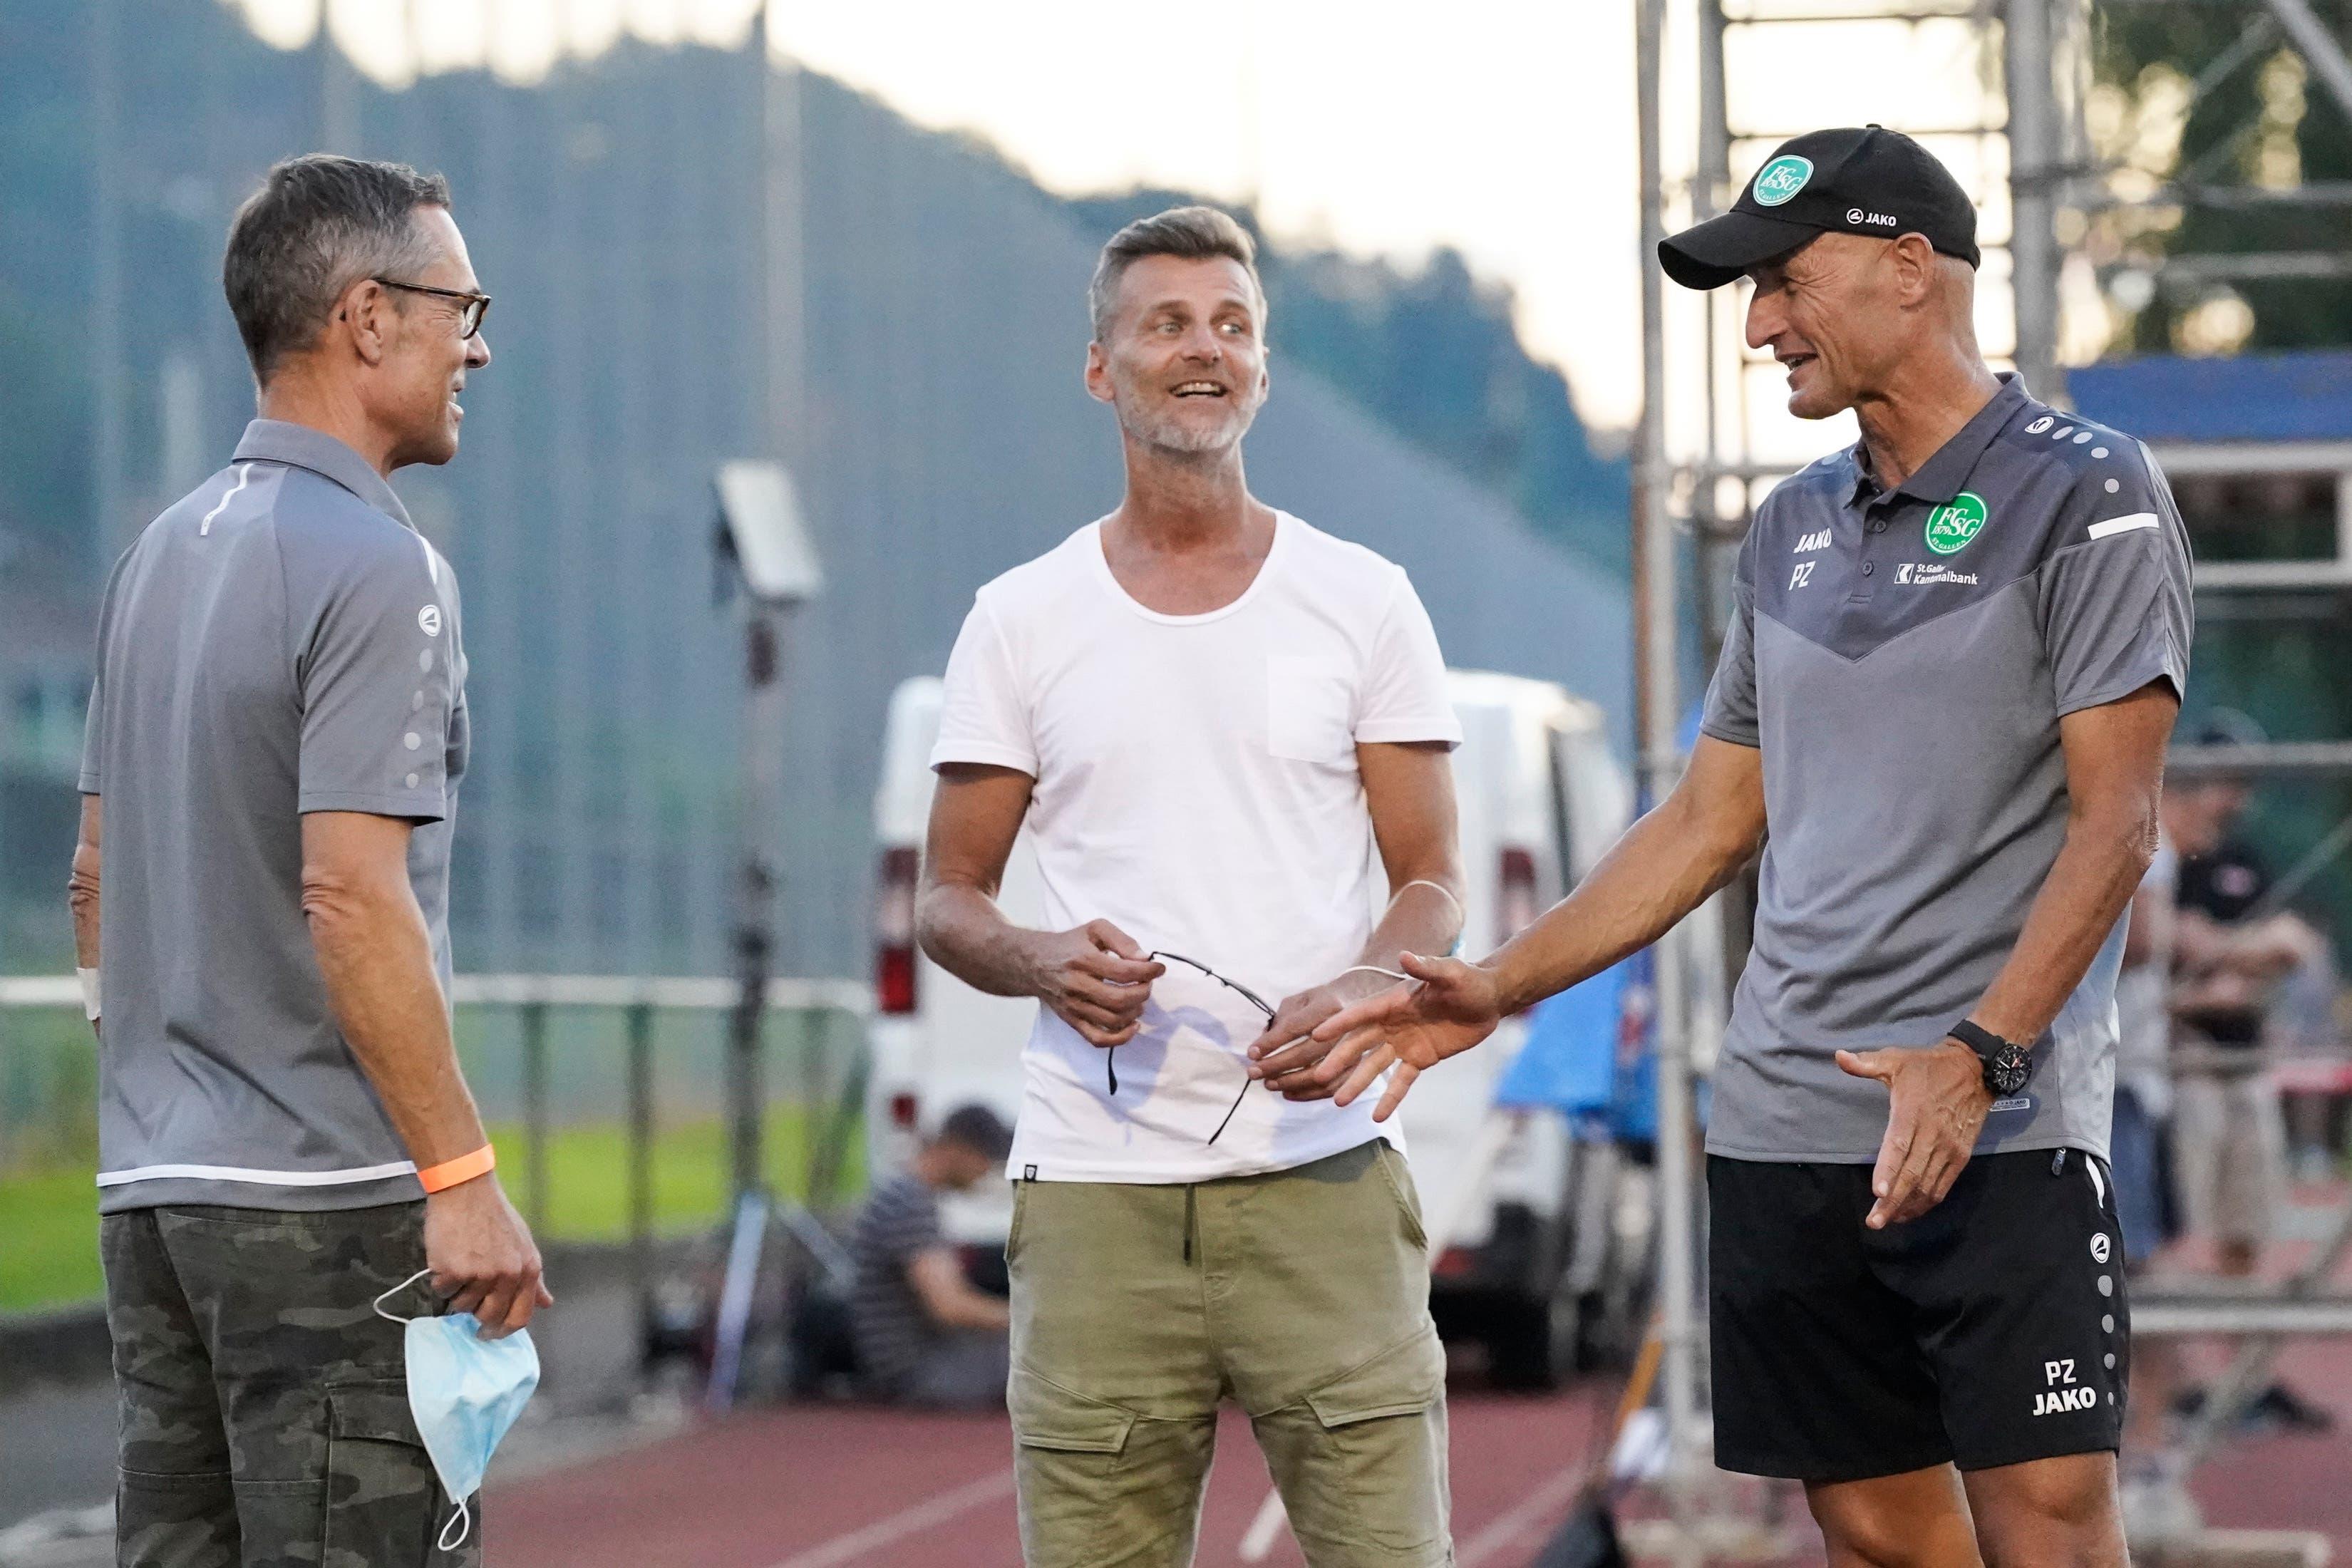 Das St.Galler Dreigestirn: (v.l.) Präsident Matthias Hüppi, Sportchef Alain Sutter und Trainer Peter Zeidler.